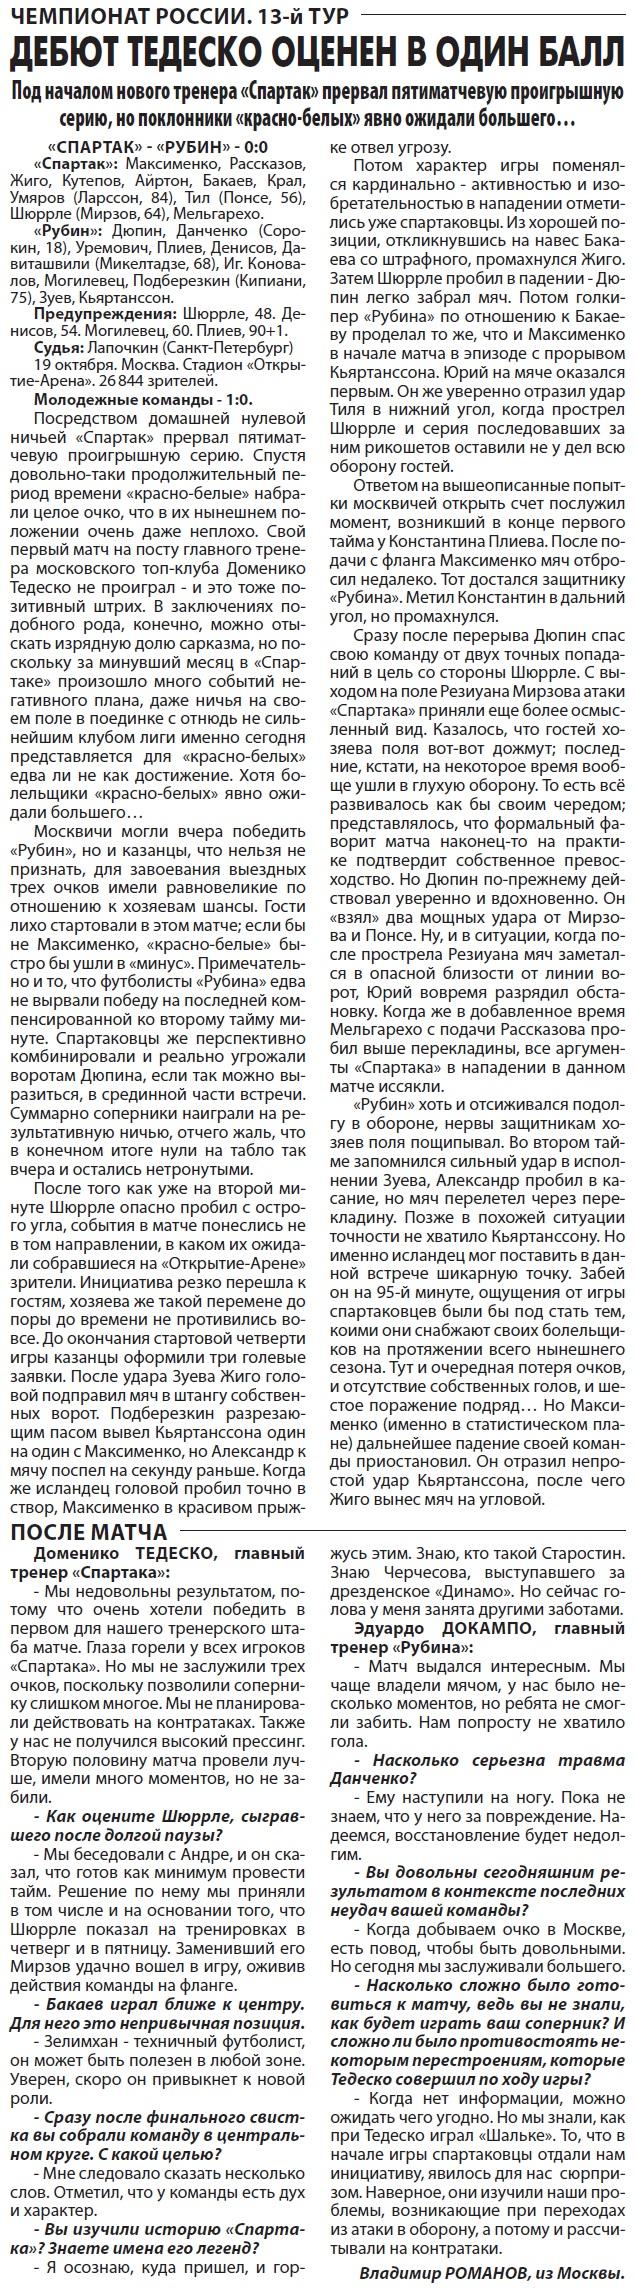 Спартак (Москва) - Рубин (Казань) 0:0